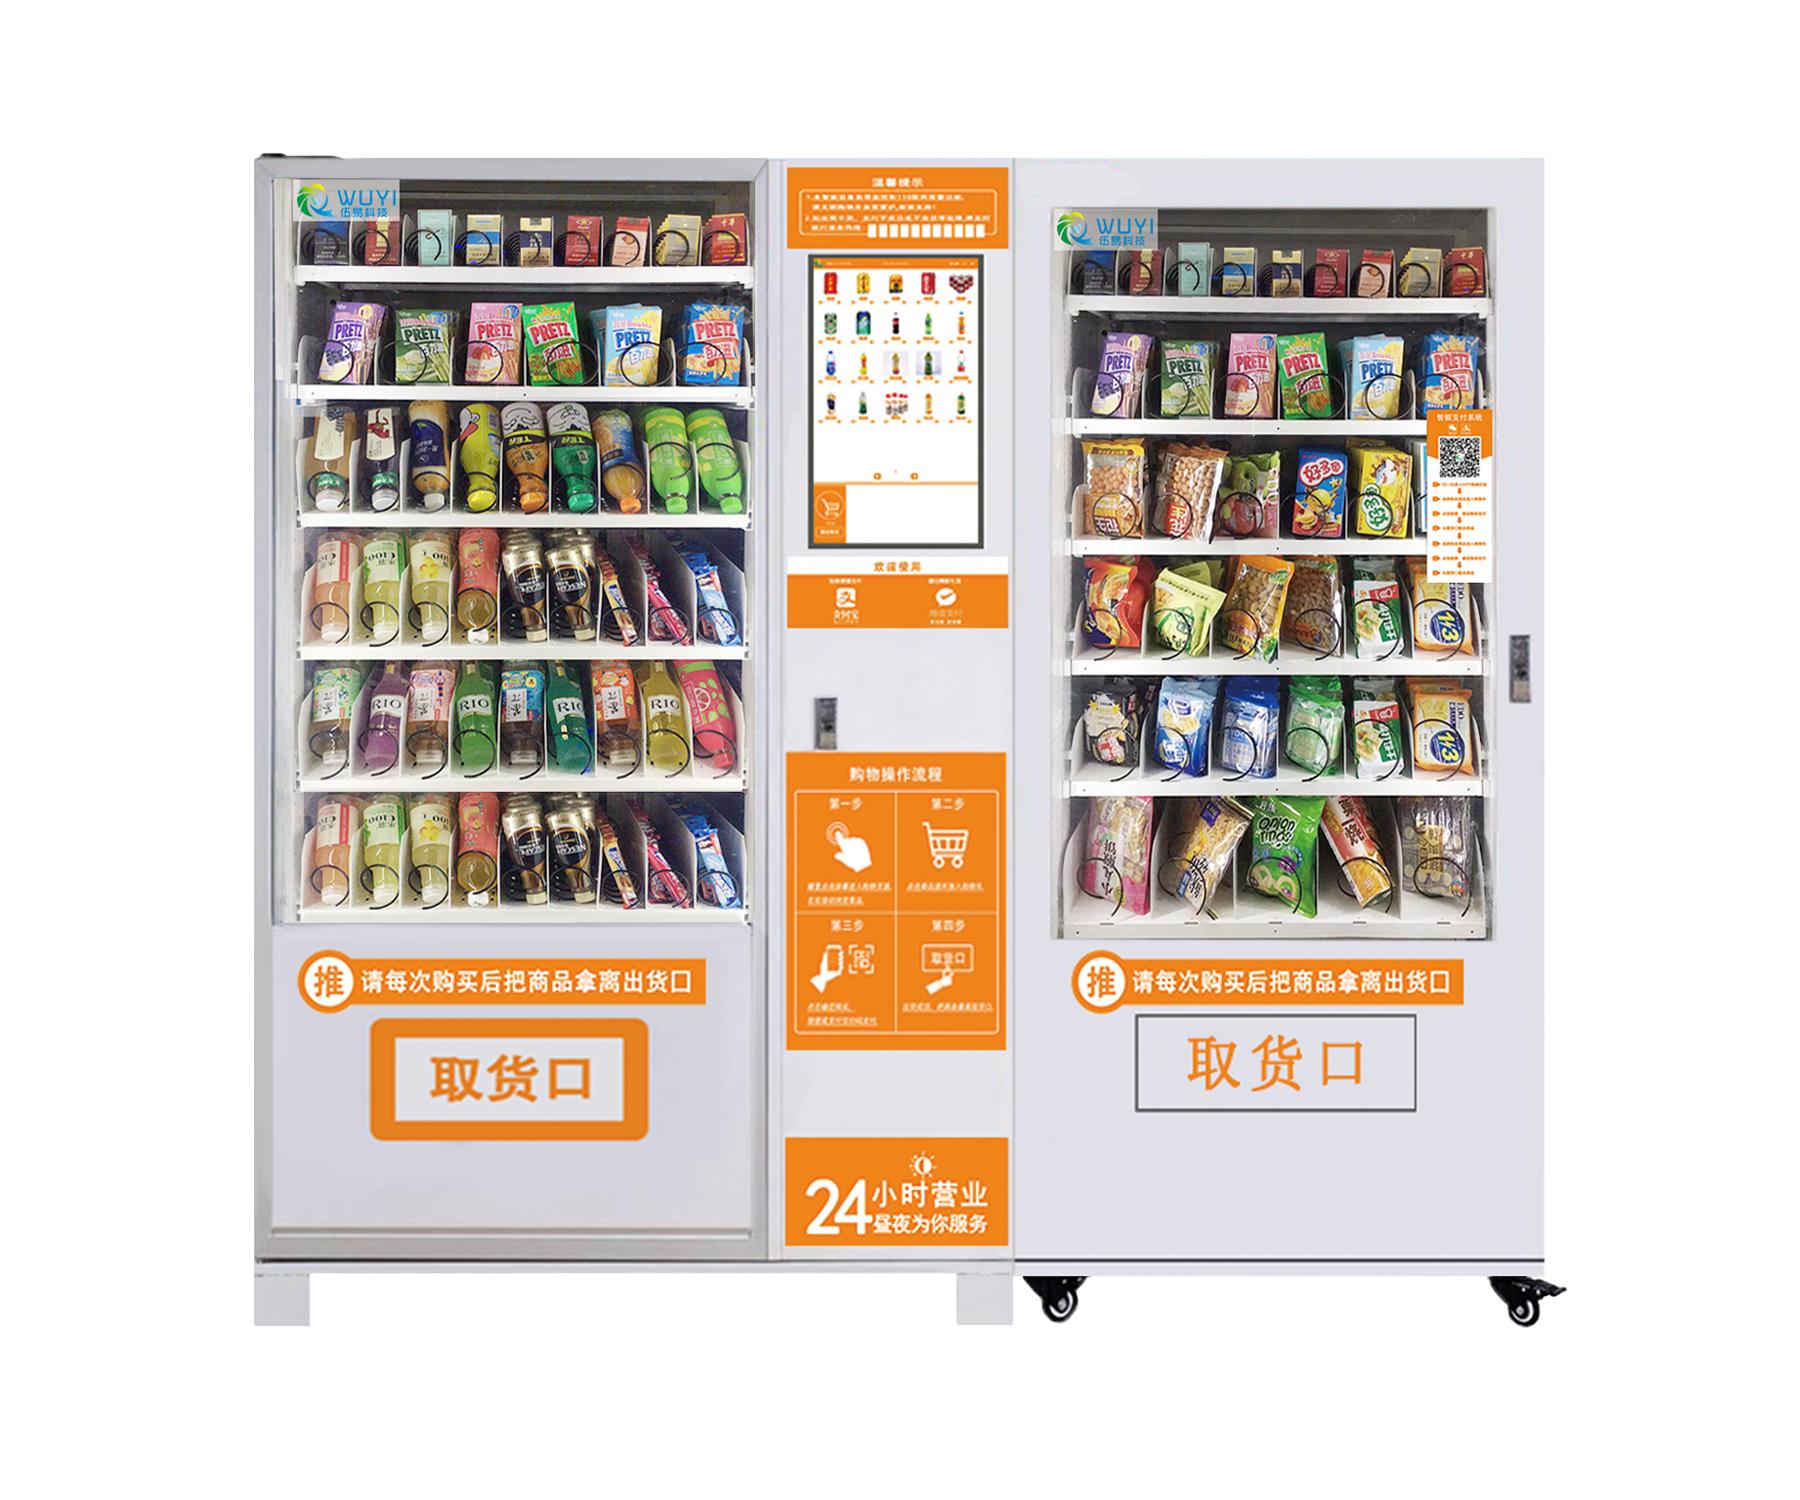 飲料零食售貨機雙櫃